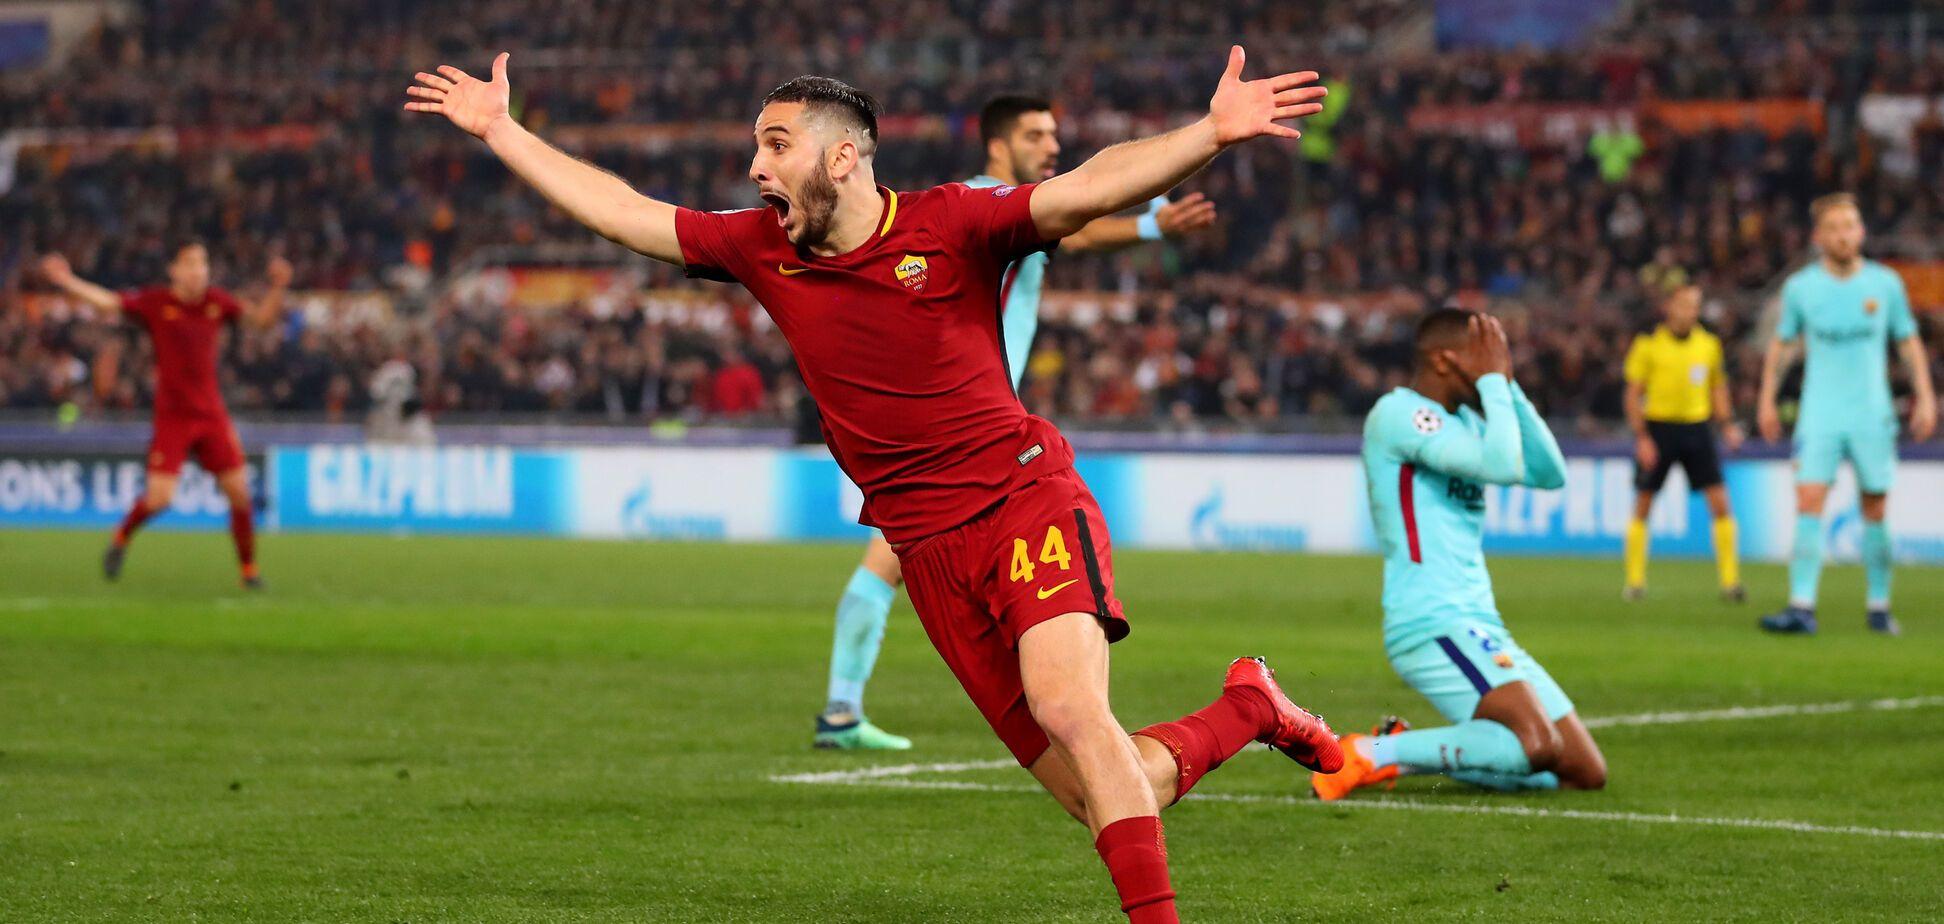 Разгромленная 'Барселона' сенсационно вылетела из Лиги чемпионов